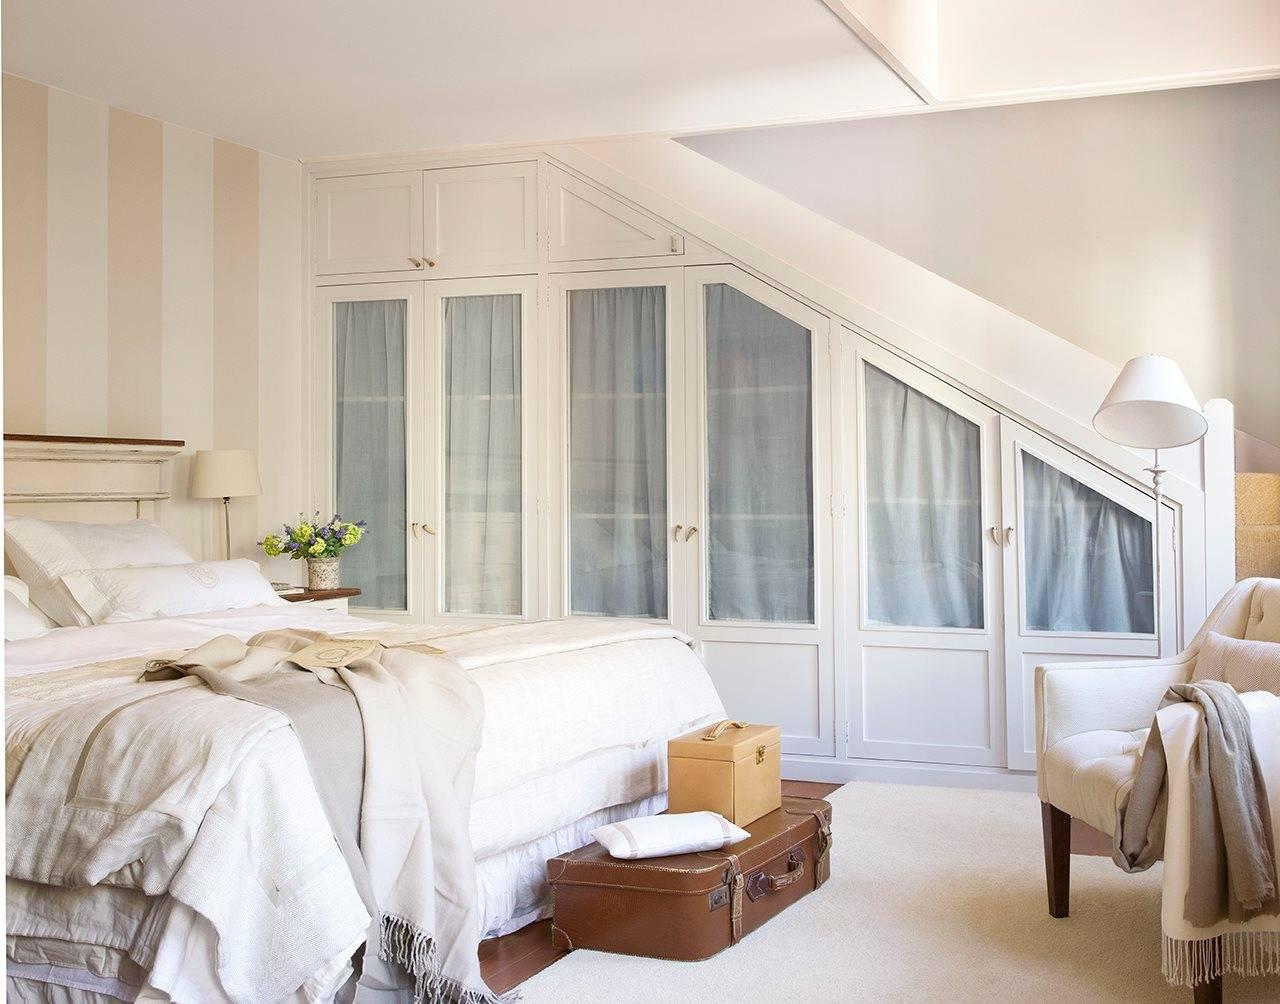 Ремонт спален: фото, реальный дизайн в квартире, варианты своими руками, виды комнат после, с чего начать